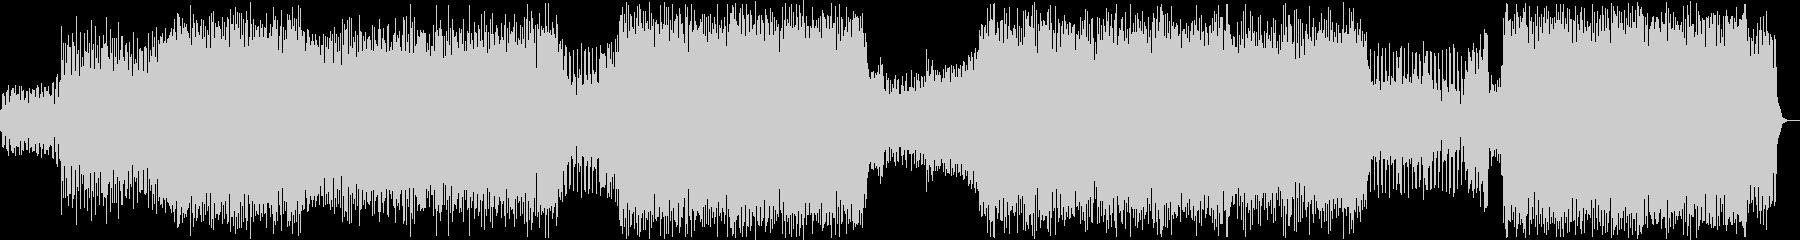 アコギ+EDM の未再生の波形